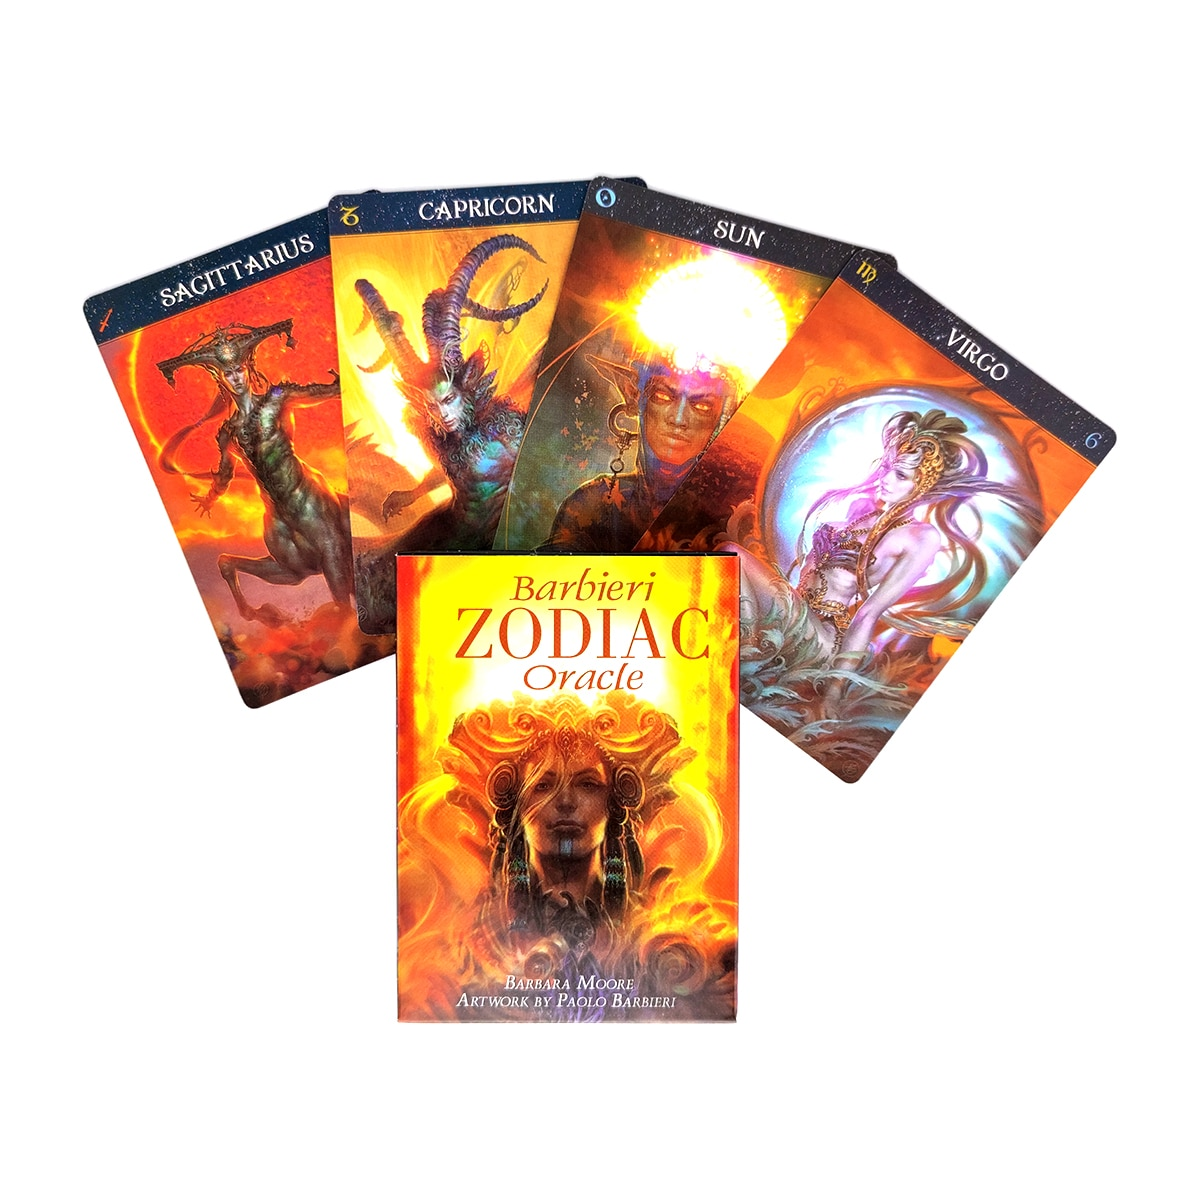 Фото - Barbieri карты знаков зодиака, карты Для Таро, мистическая колода для гадания, развлечения, настольные игры, поддерживает оптовую продажу таро мистическая спираль руководство и карты